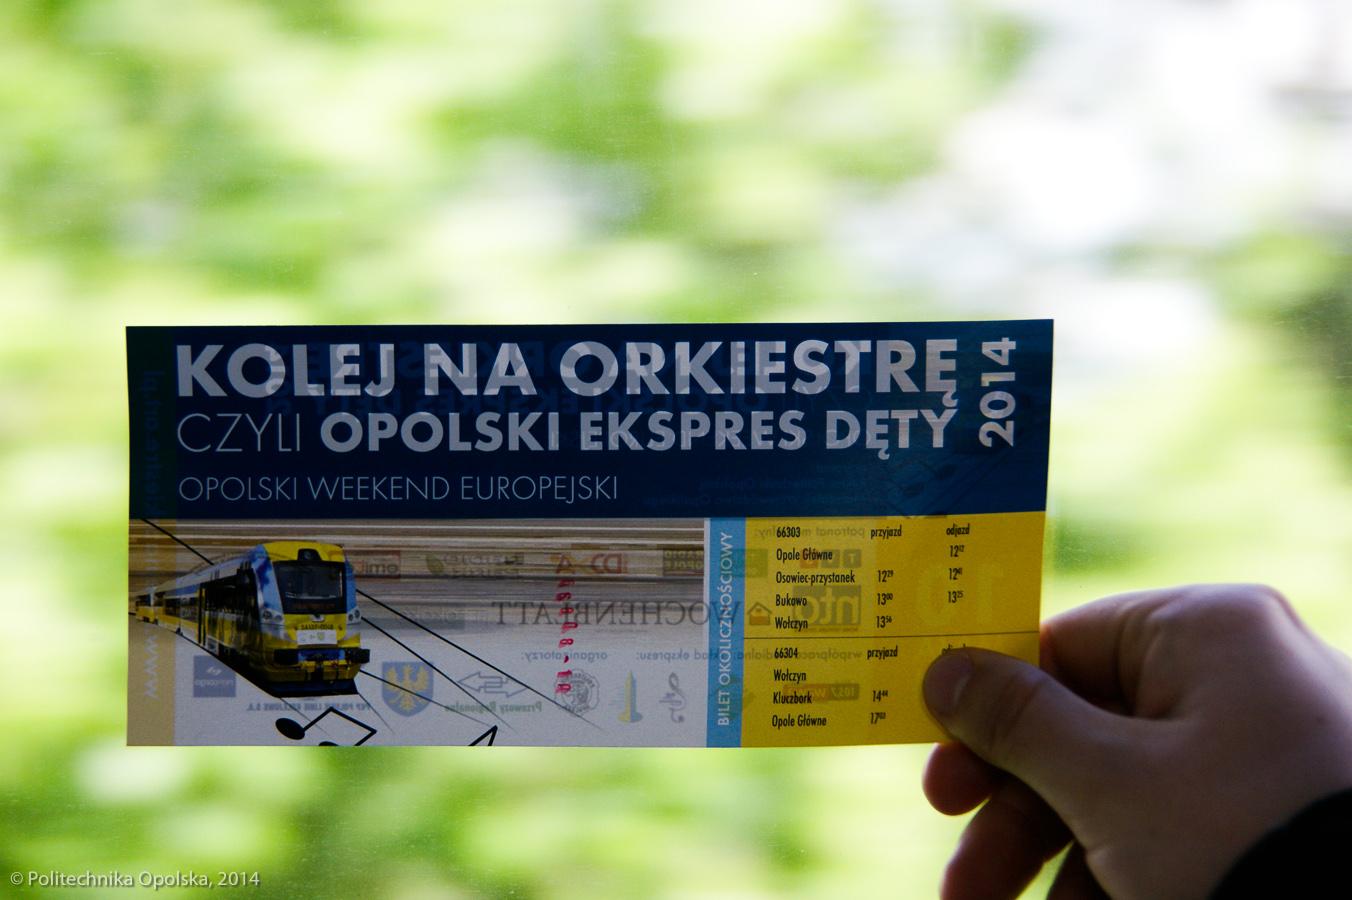 kolej-na-orkiestre_2014-05-10-107